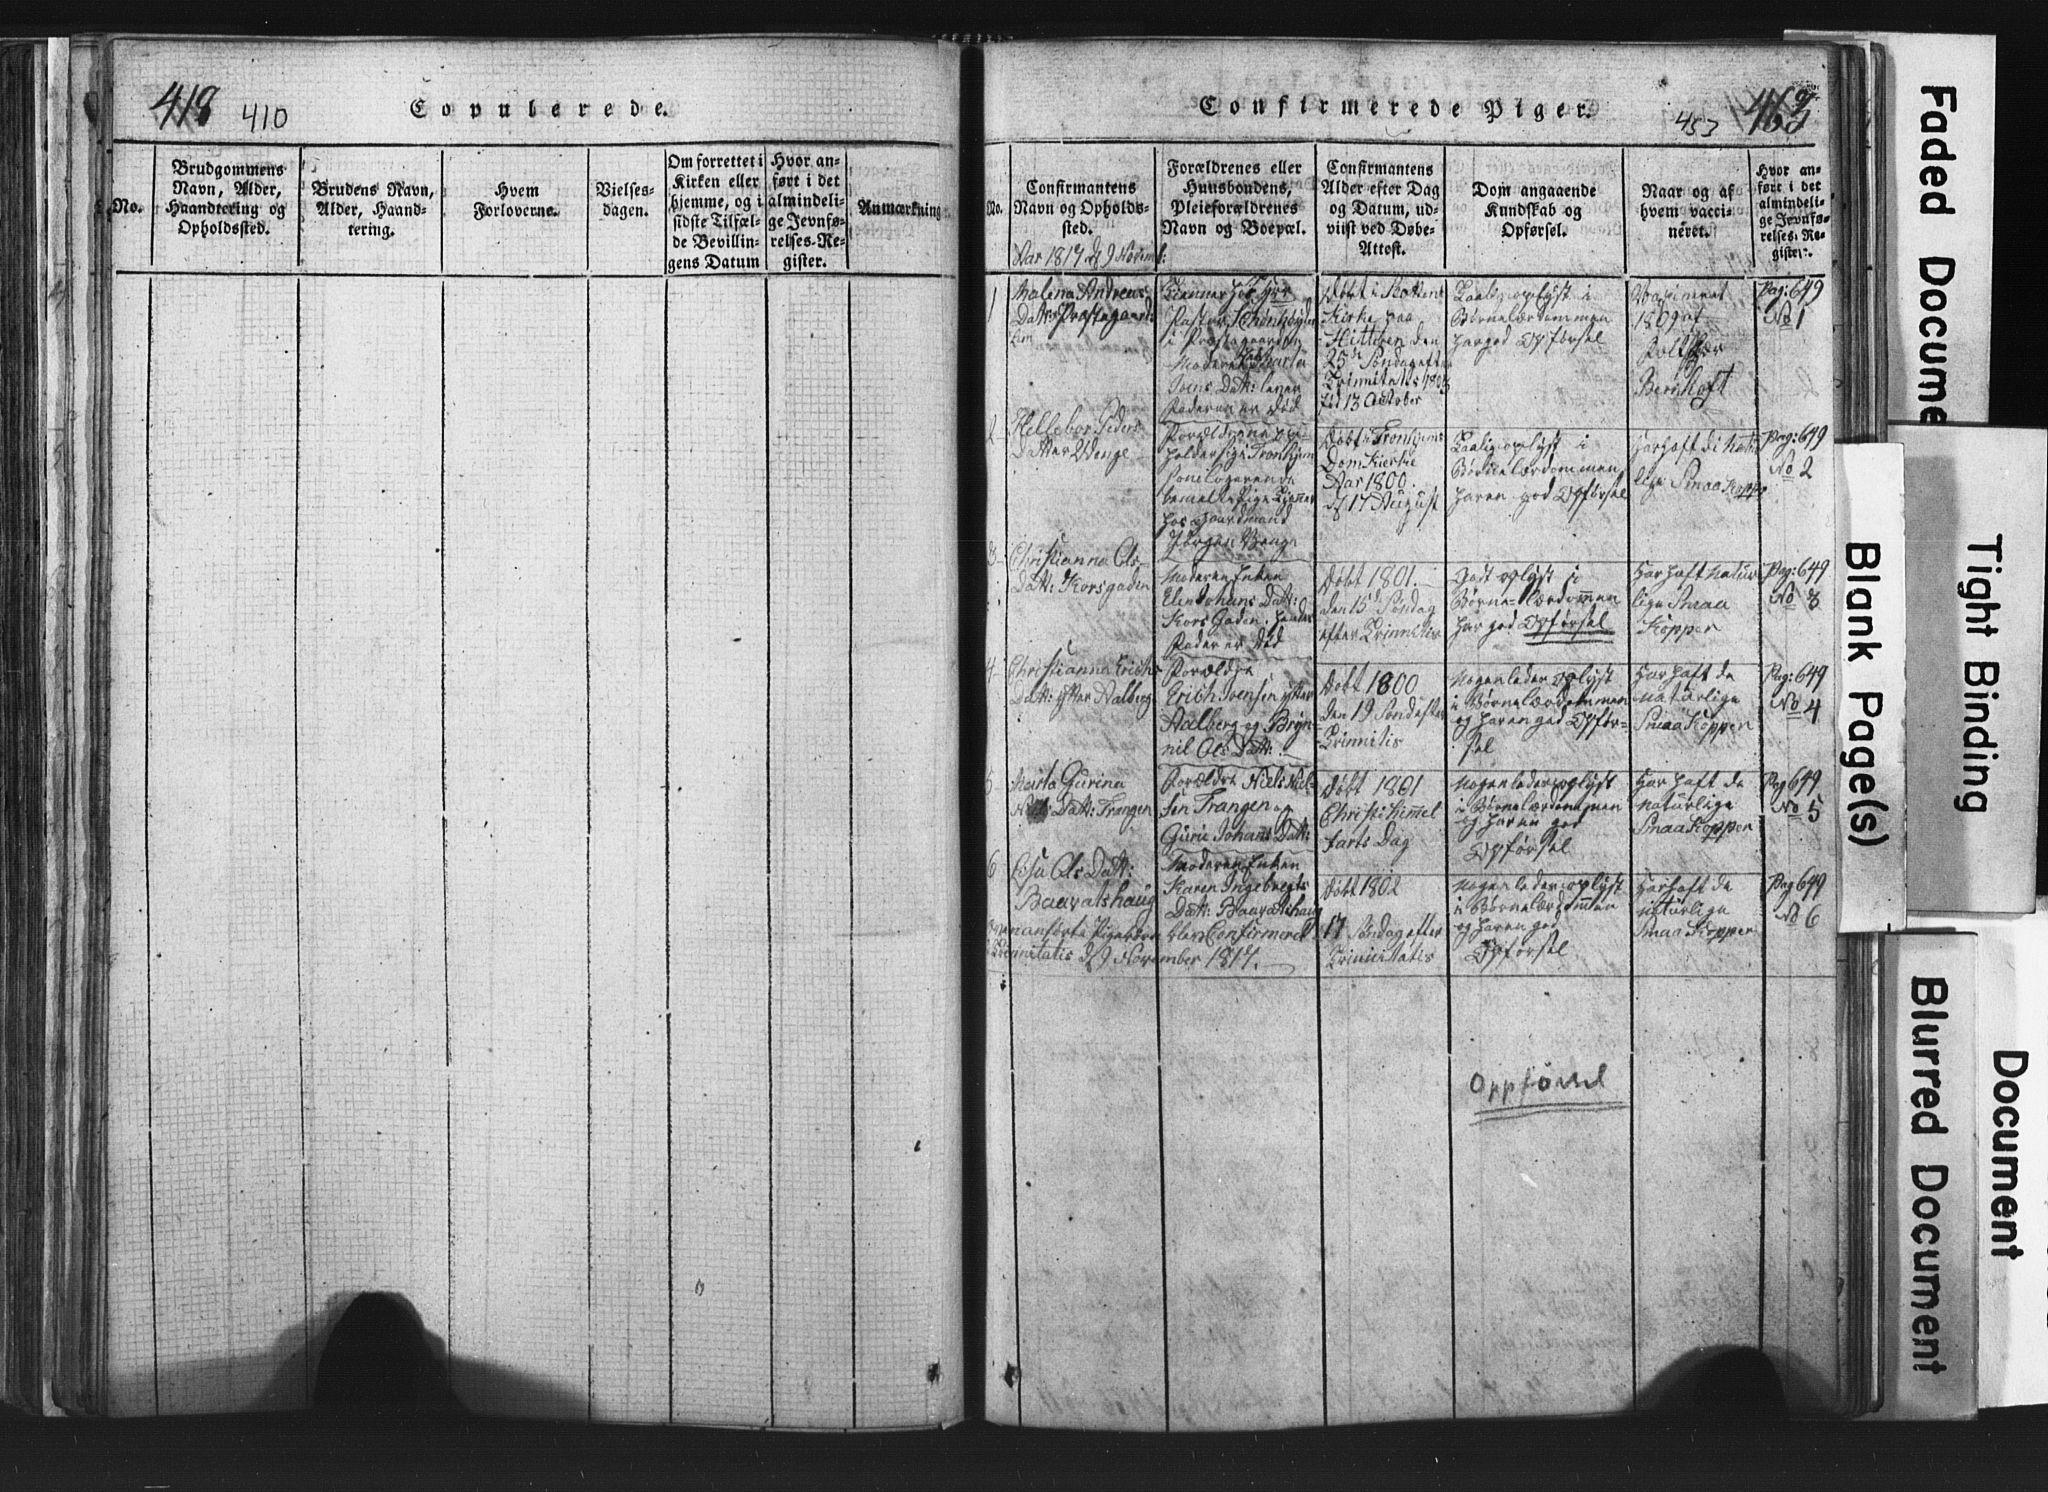 SAT, Ministerialprotokoller, klokkerbøker og fødselsregistre - Nord-Trøndelag, 701/L0017: Parish register (copy) no. 701C01, 1817-1825, p. 450-451